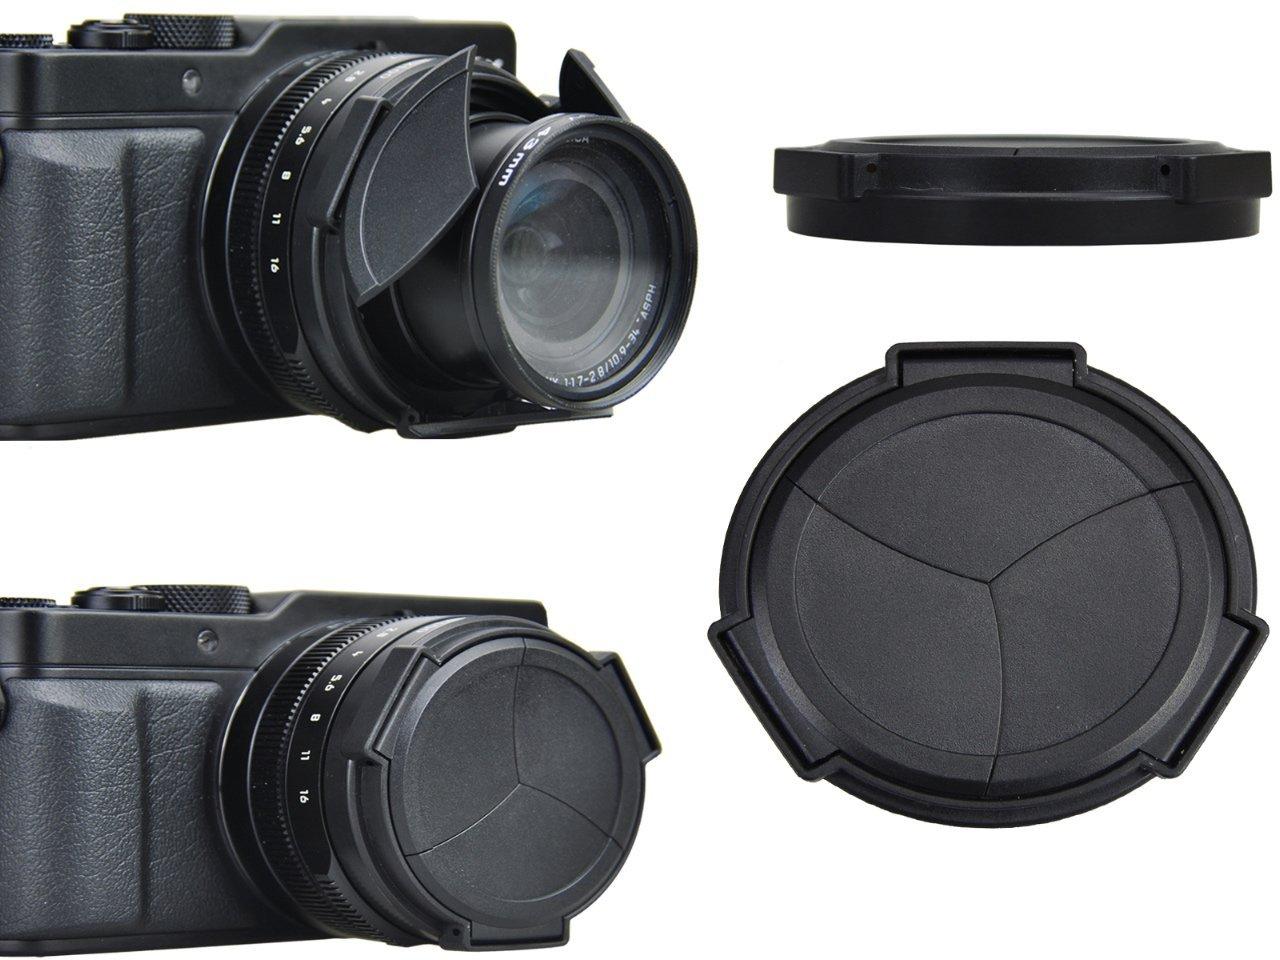 COPRIOBIETTIVO AUTOMATICO LX-100 BLACK